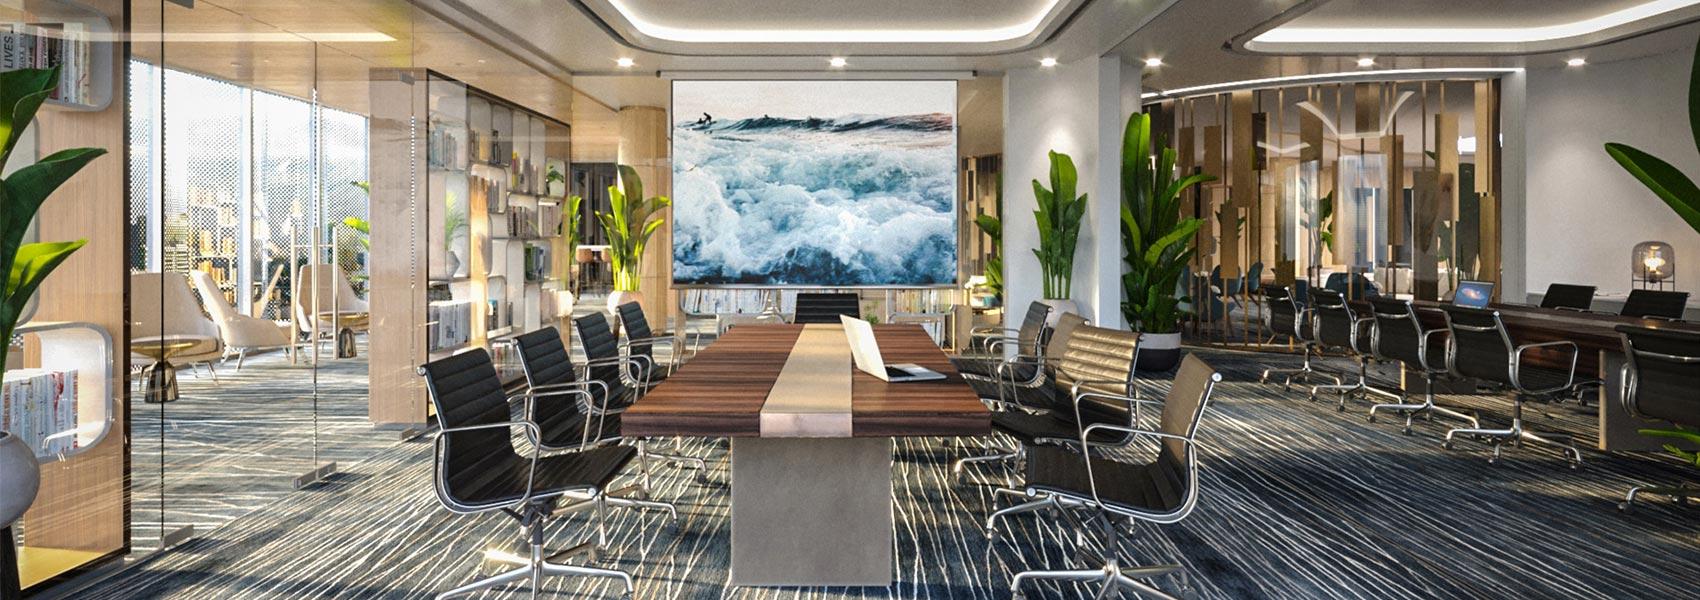 Mua bán cho thuê Dự án căn hộ du lịch condotel the sóng vũng tàu tập đoàn an gia